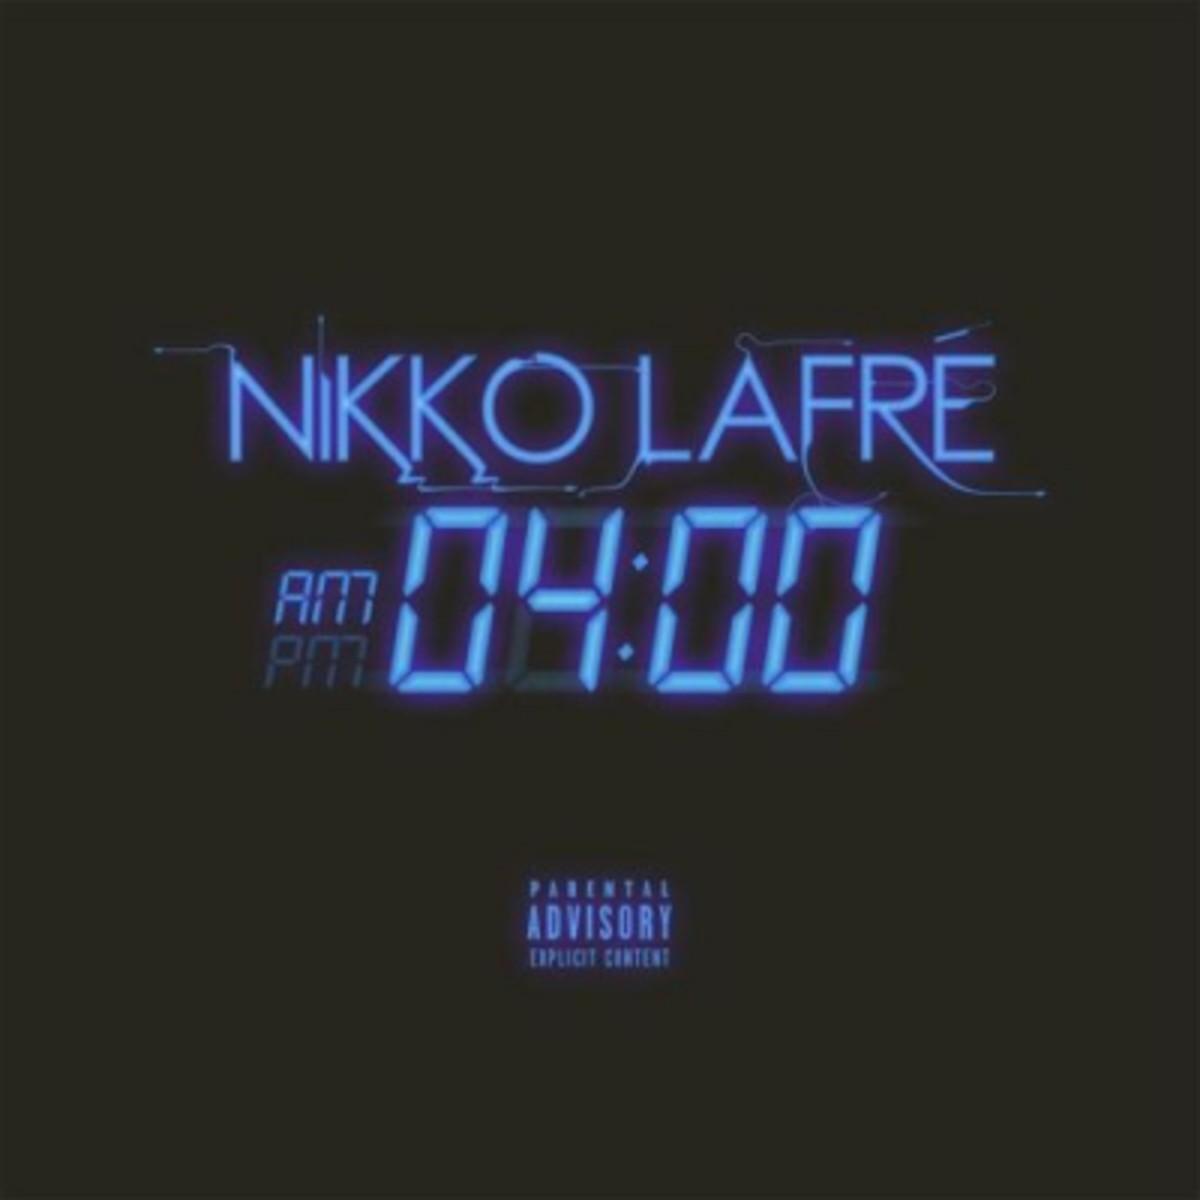 nikko-lafre-4-am.jpg